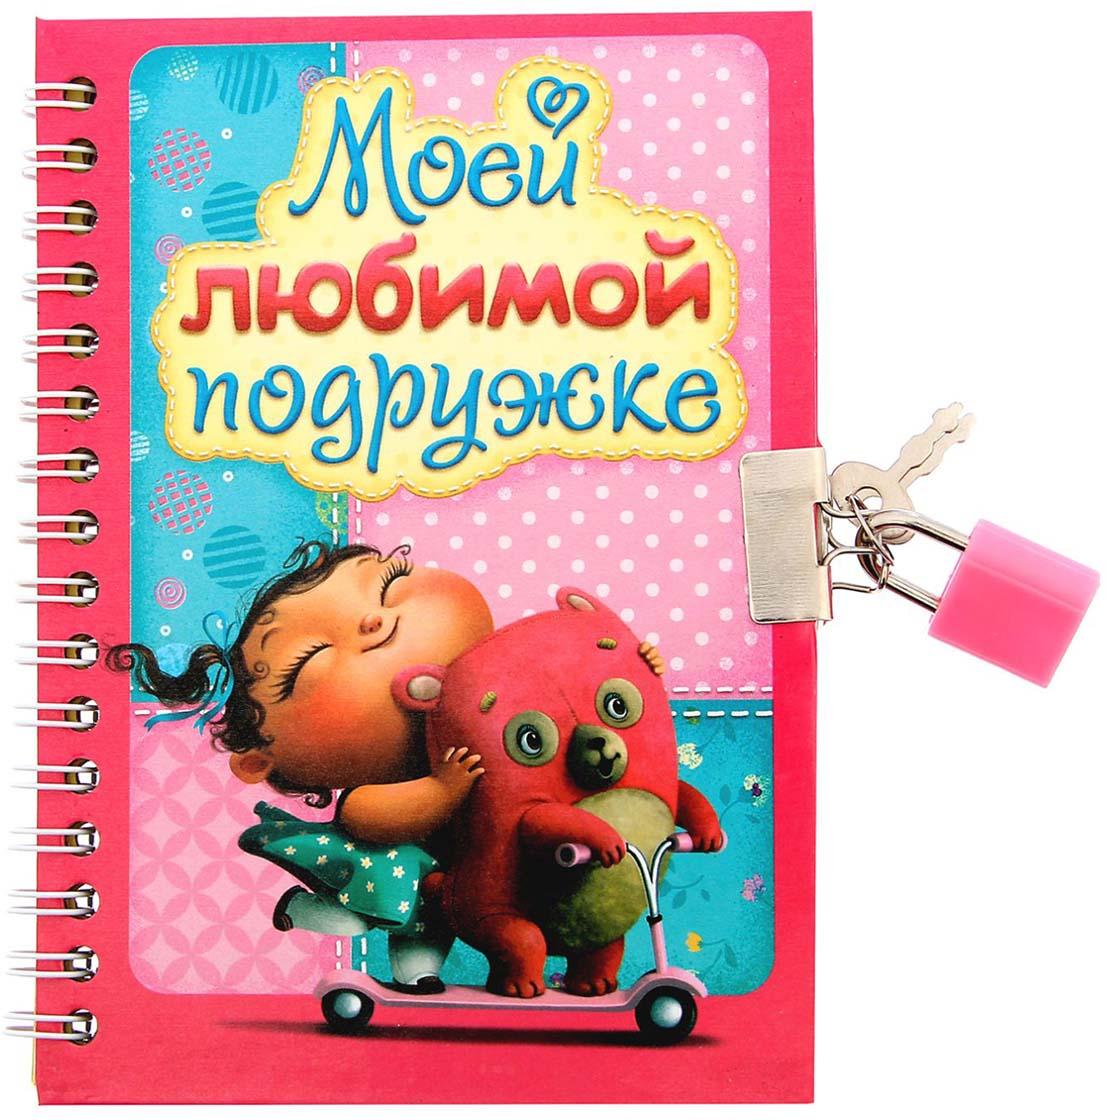 Записная книжка на замочке Моей любимой подружке 50 листов в линейку записная книжка на замочке моей любимой подружке 50 листов в линейку